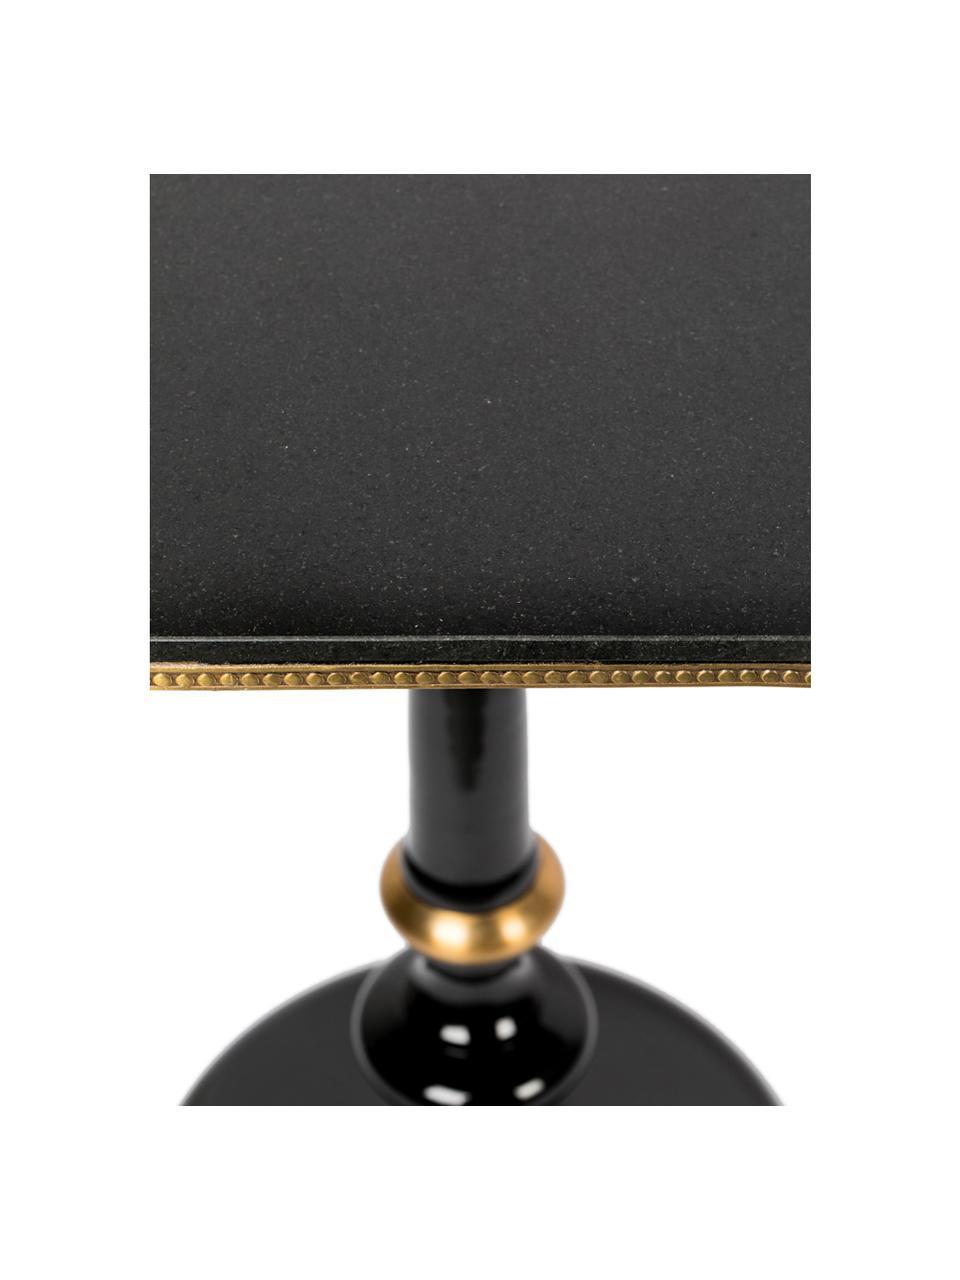 KleinerEsstisch Own The Glow mit Granitstein-Tischplatte, Tischplatte: Granitstein, Schwarz, 65 x 76 cm